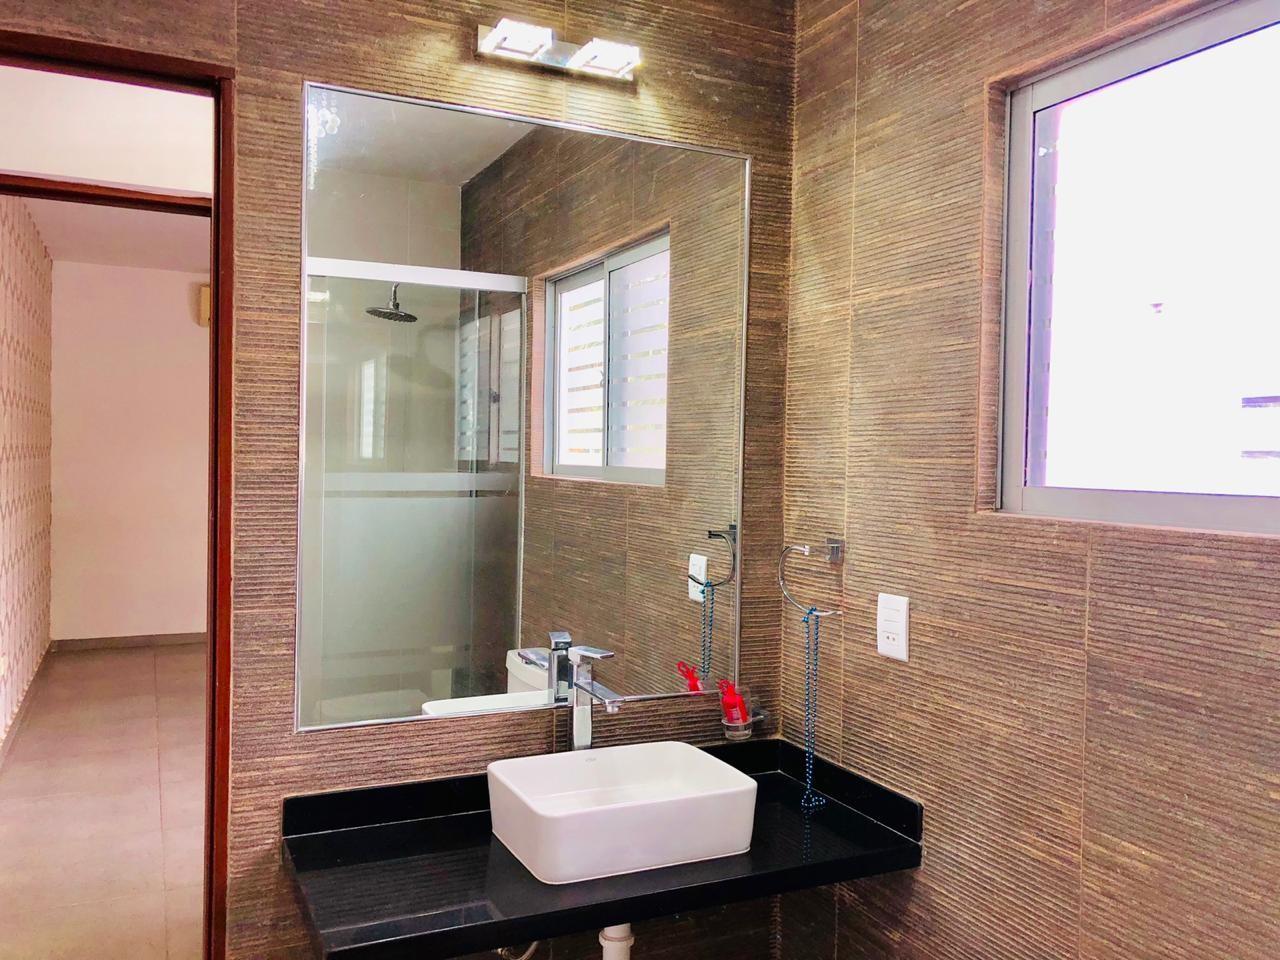 Casa en Alquiler Zona Urubo - Condominio Jardines del Urubo - lado de Restaurante Casa del Camba - a 1 minuto del Puente principal. Foto 3